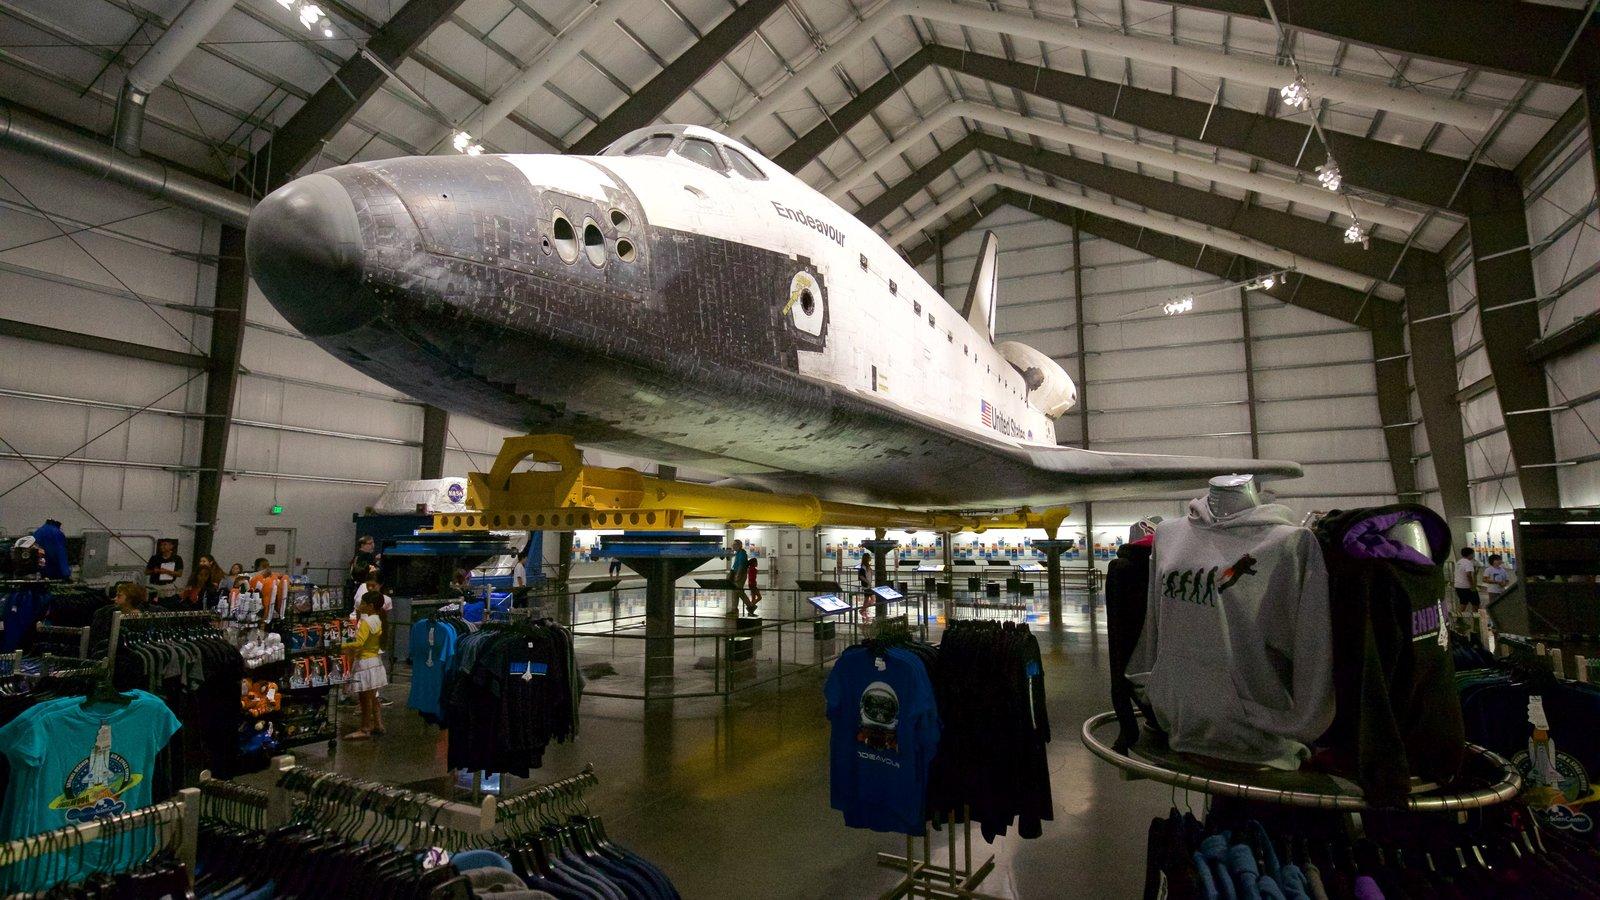 Museo California Science Center ofreciendo aeronave y vistas interiores